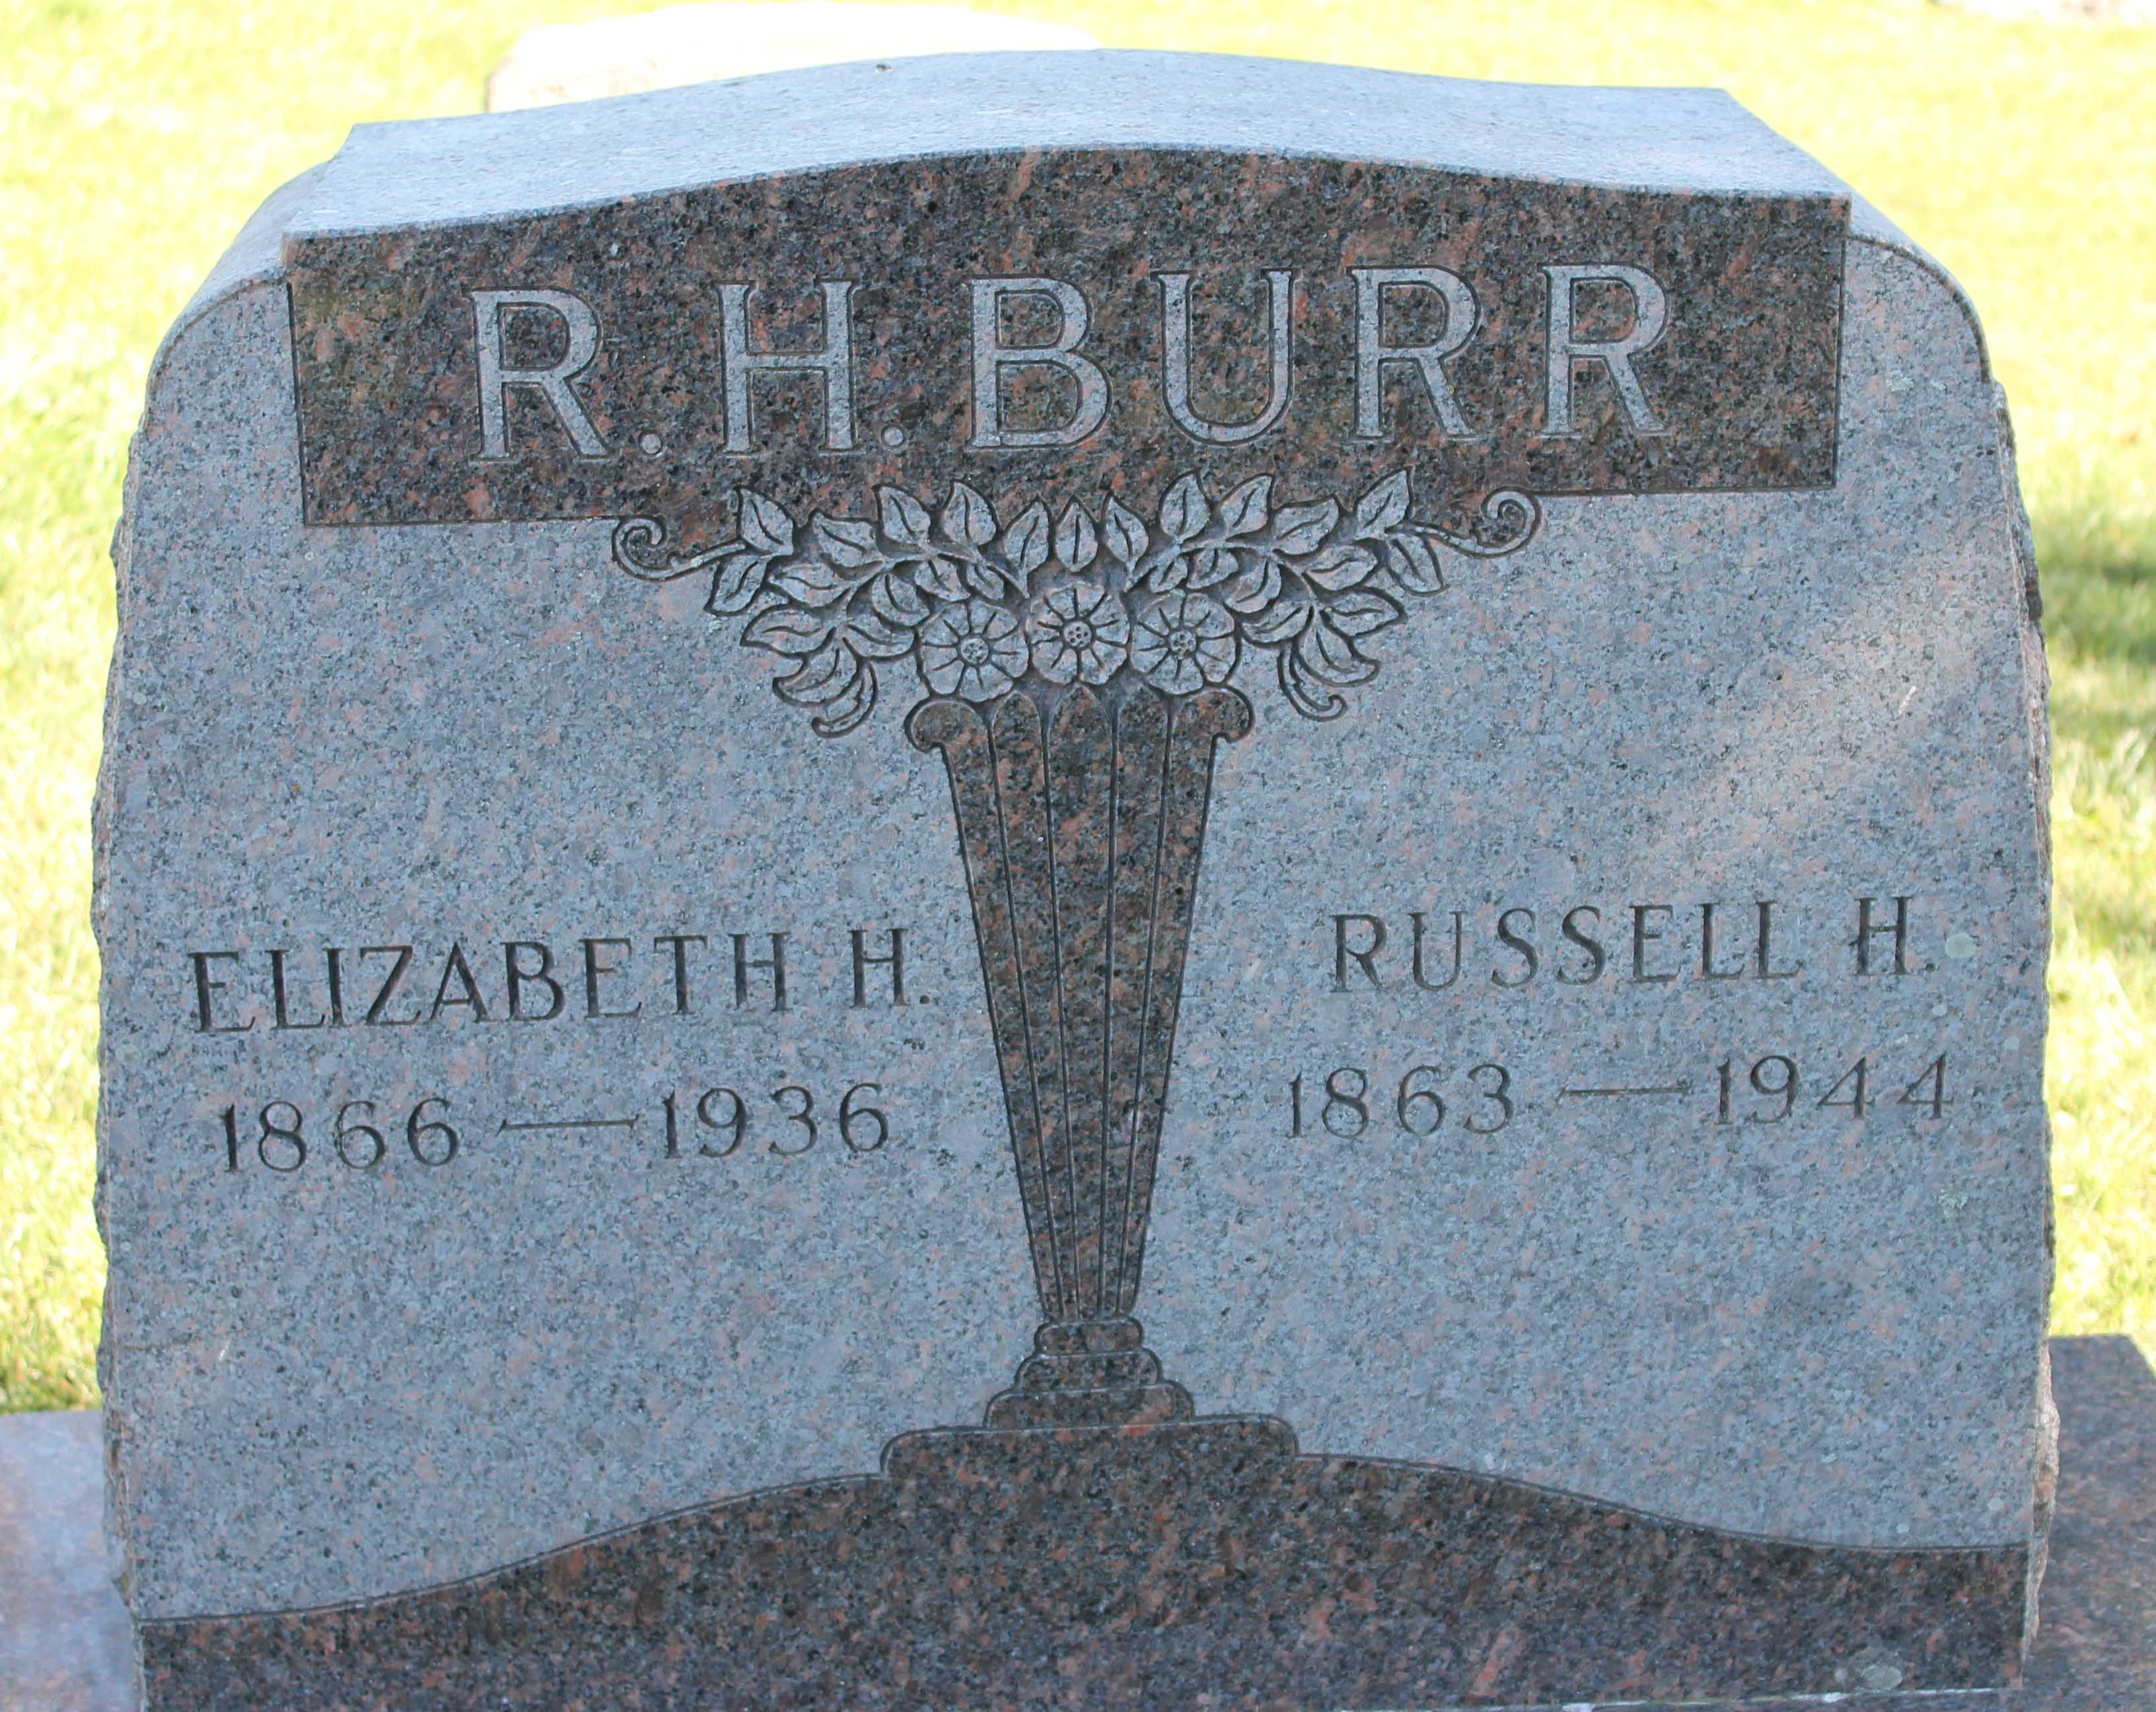 Elizabeth H. Burr